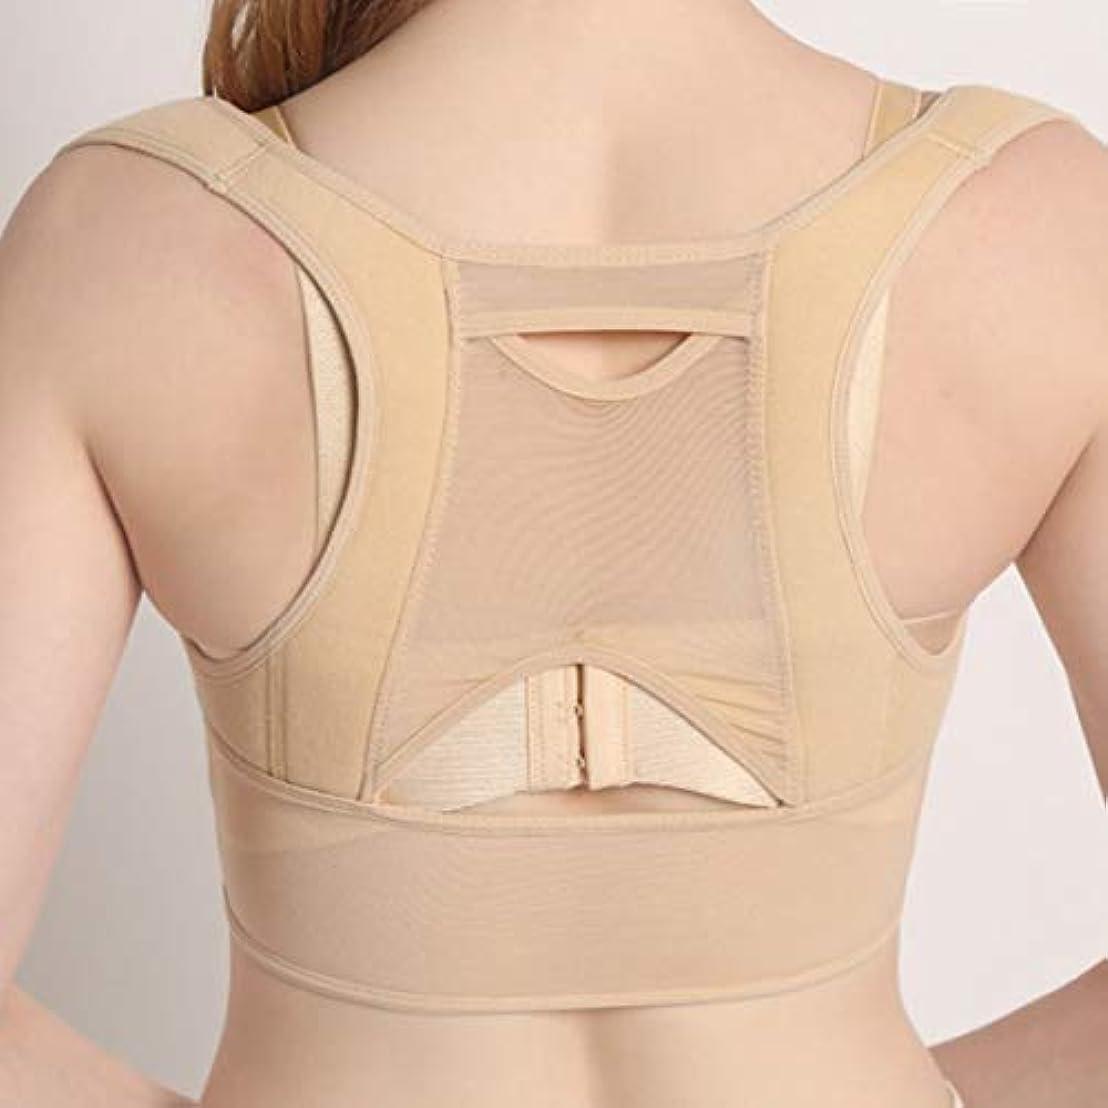 許可有毒カテナ通気性のある女性バック姿勢矯正コルセット整形外科用アッパーバックショルダー脊椎姿勢矯正腰椎サポート - ベージュホワイト